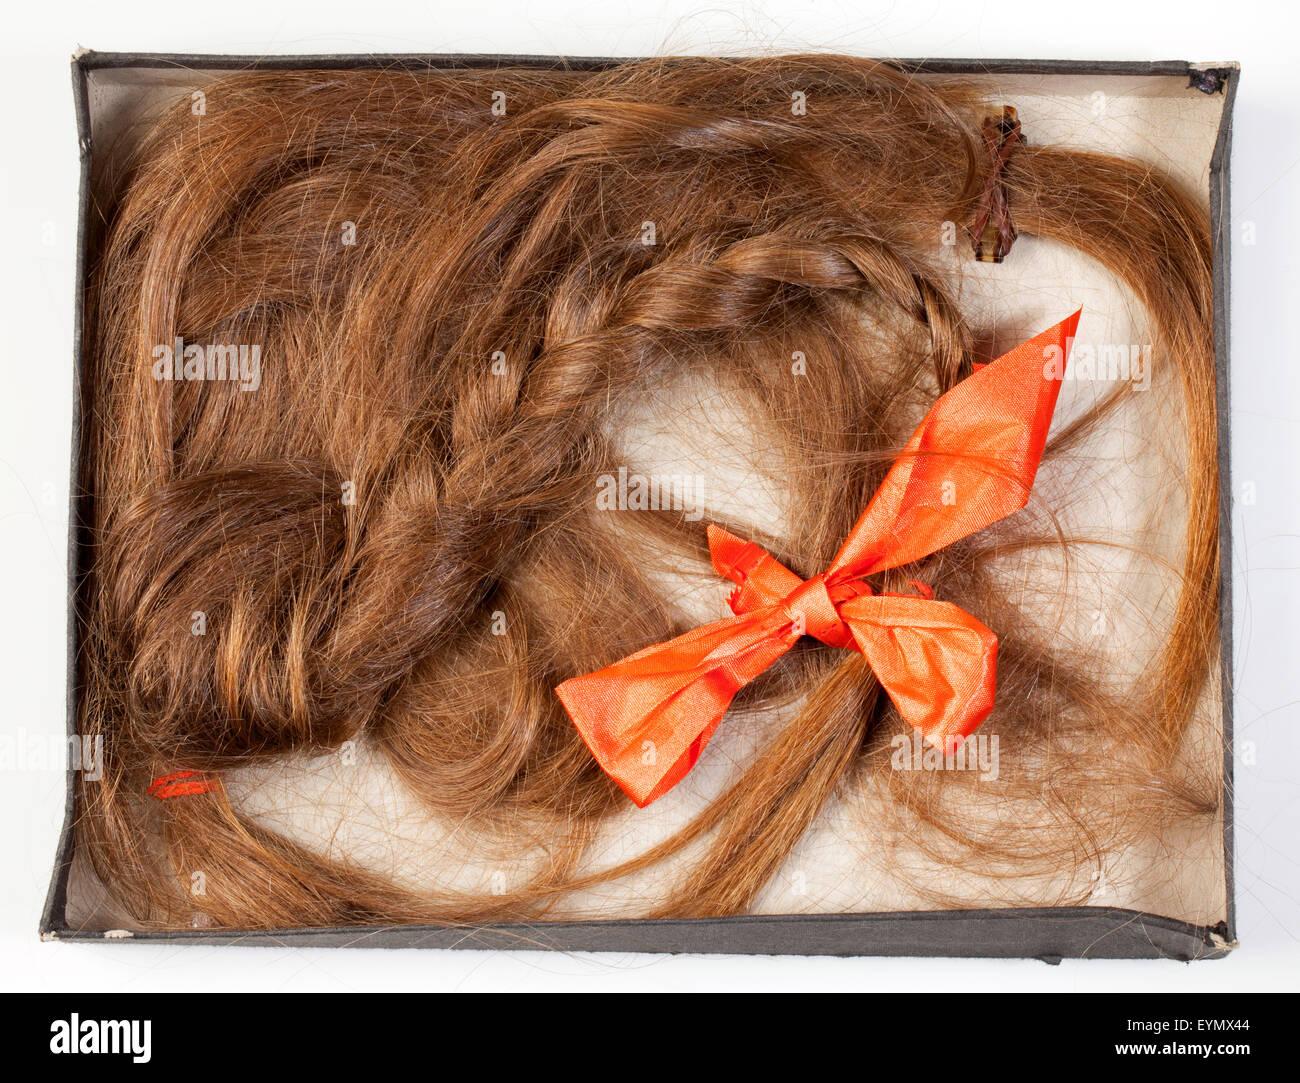 Cabello Humano natural, corte, abgeschnittener Zopf, alte Zöpfe abschneiden Foto de stock